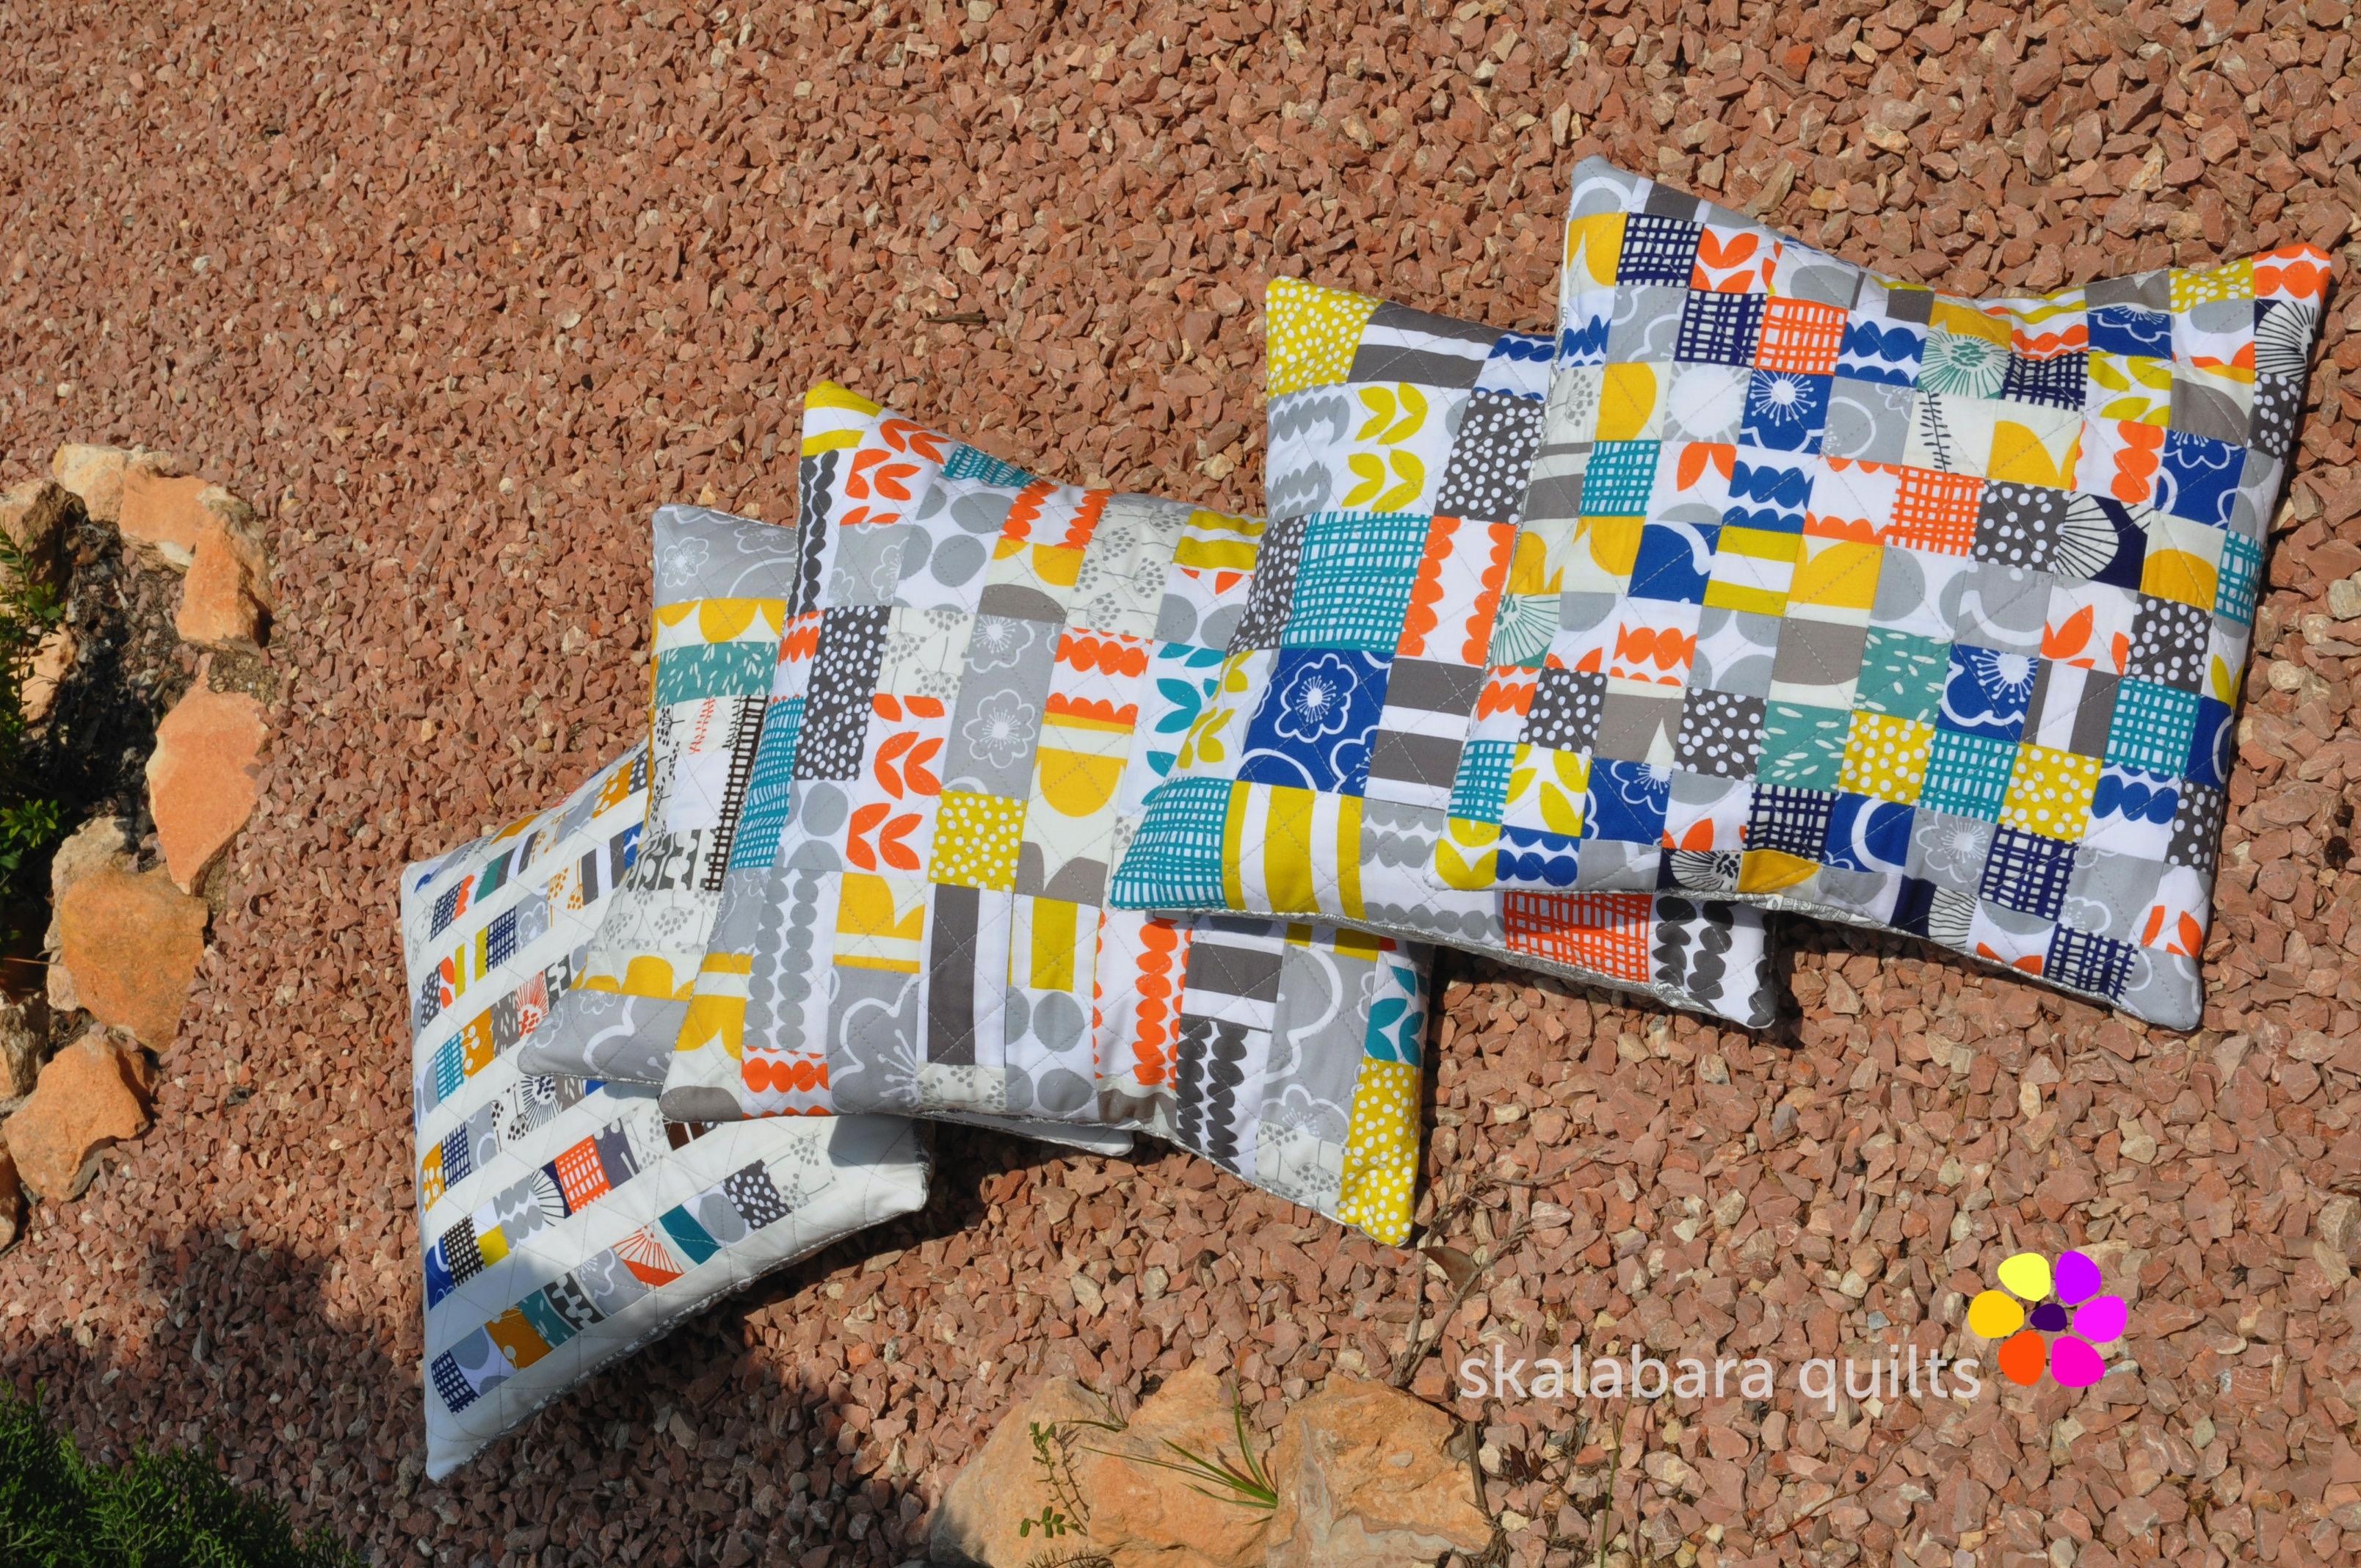 bella cushion covers 7 - skalabara quilts